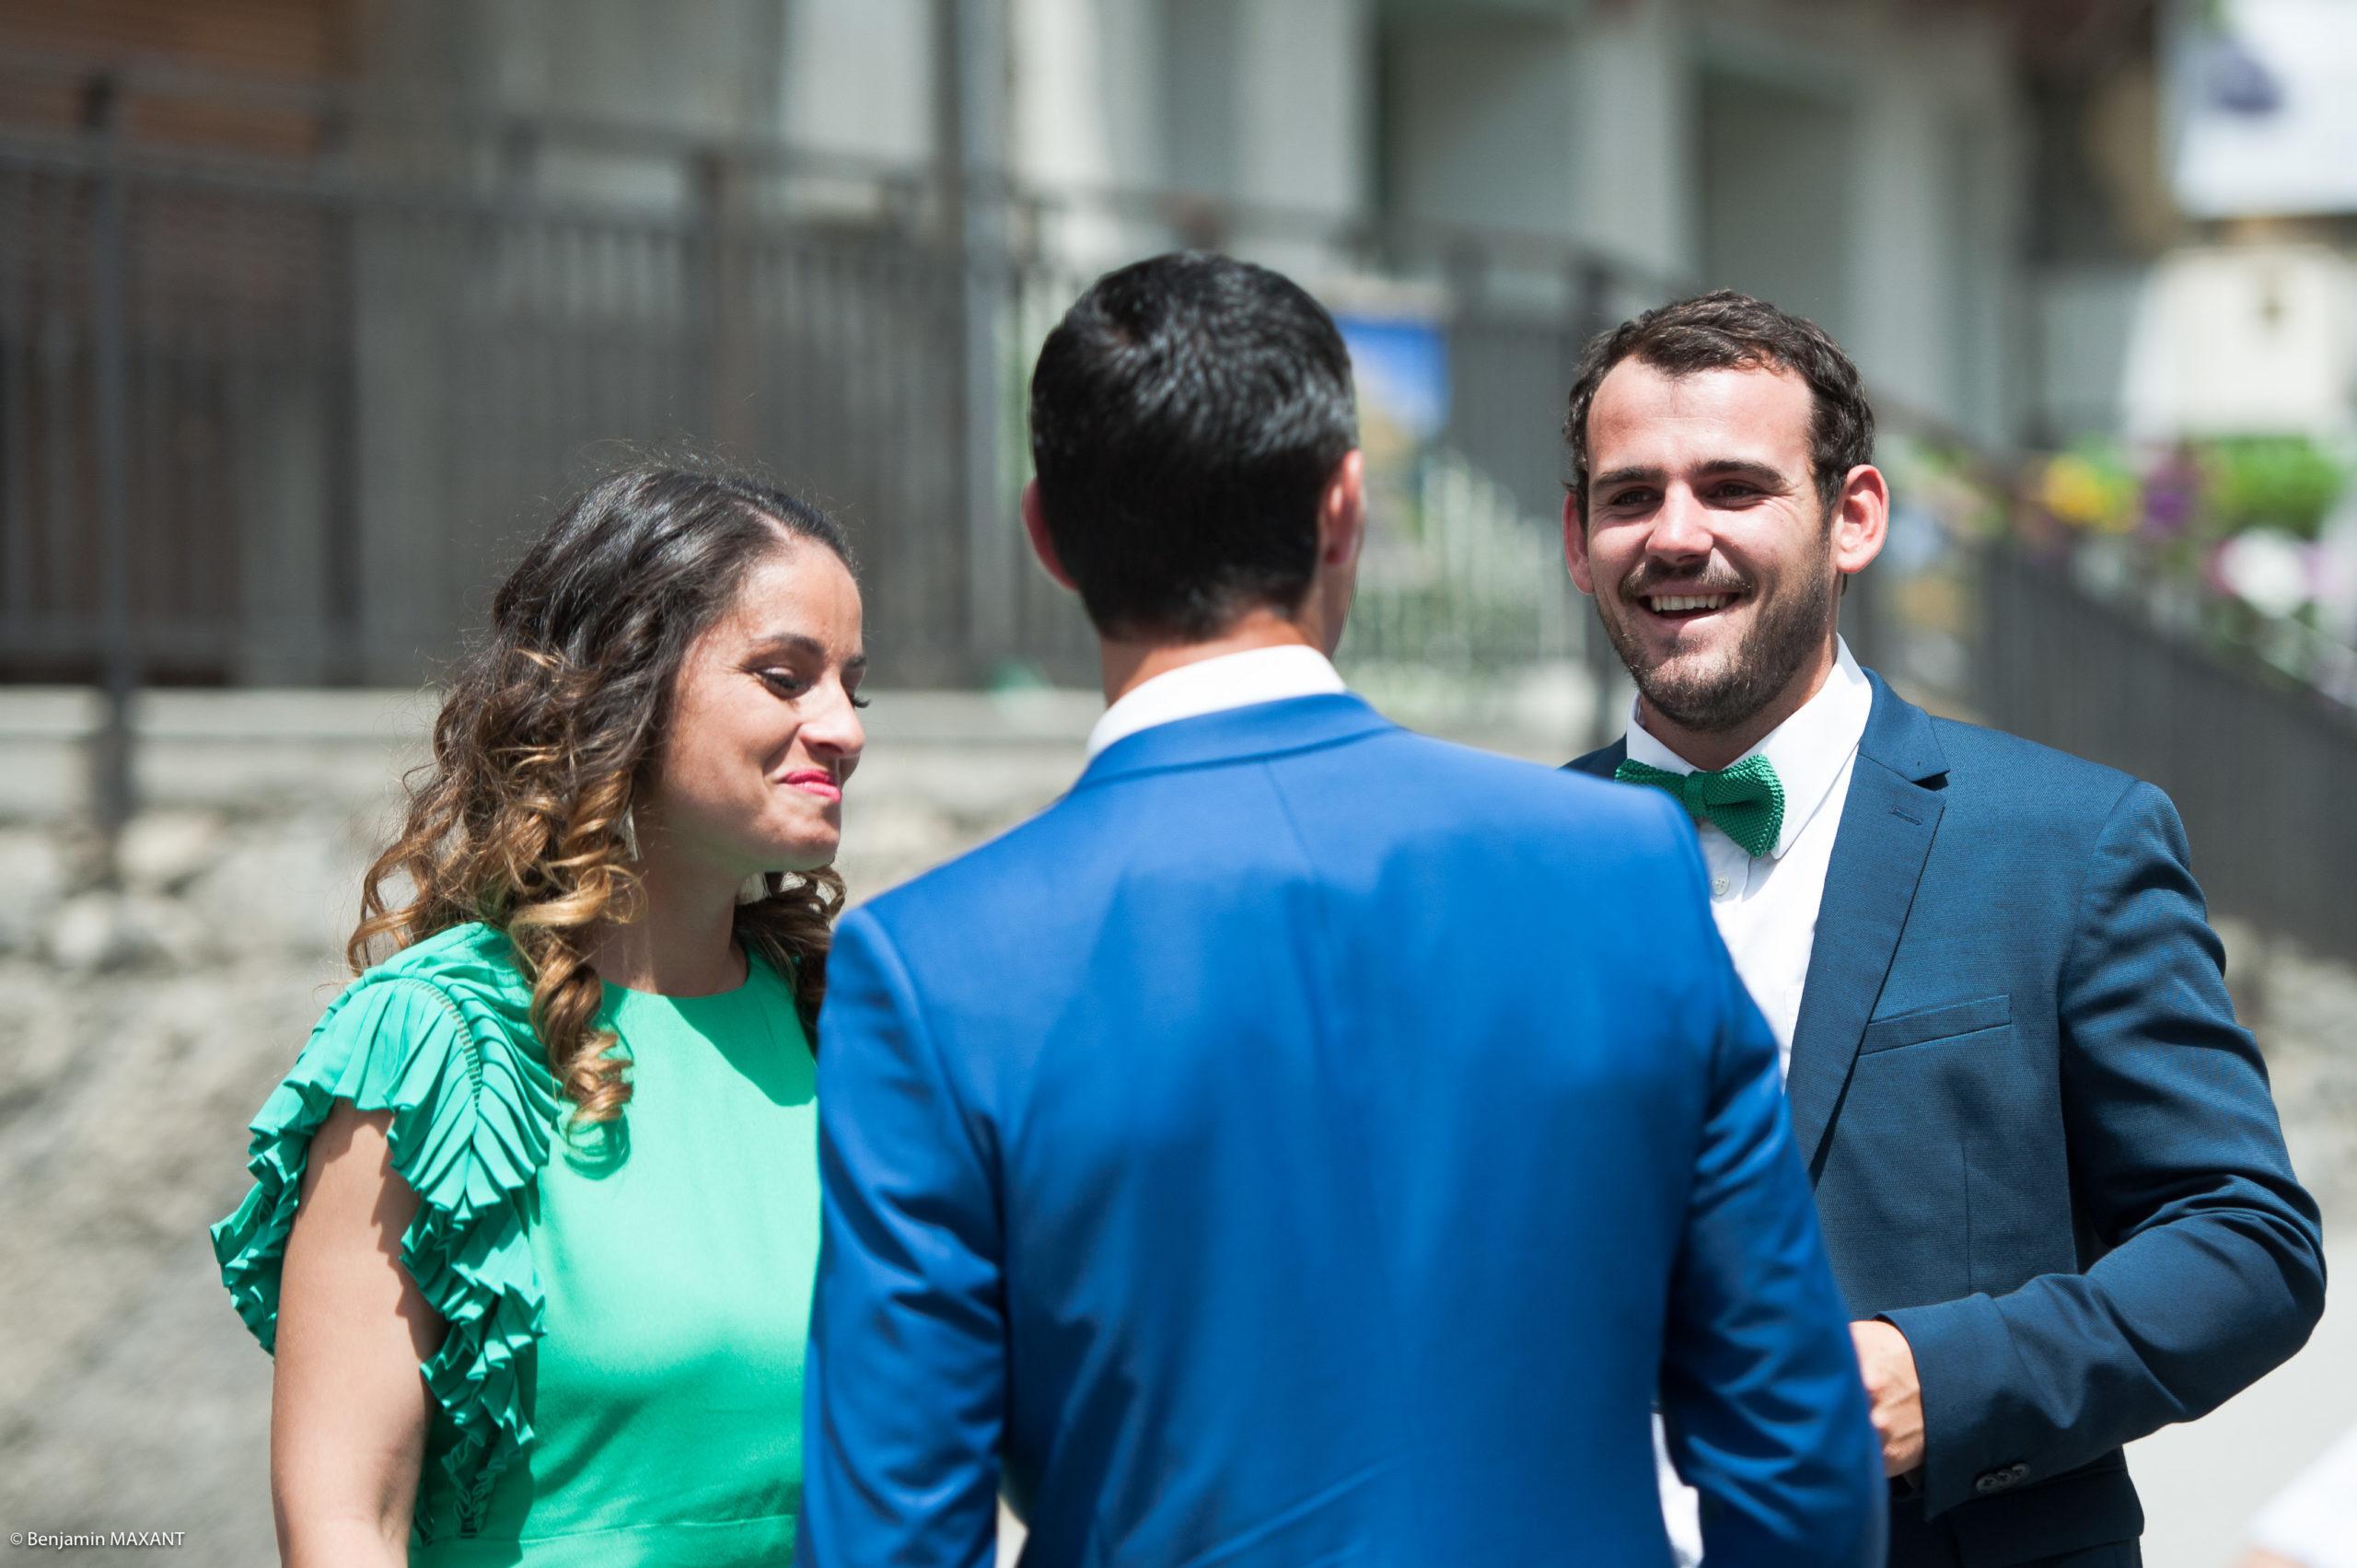 Arrivée des invitées avant la cérémonie civile